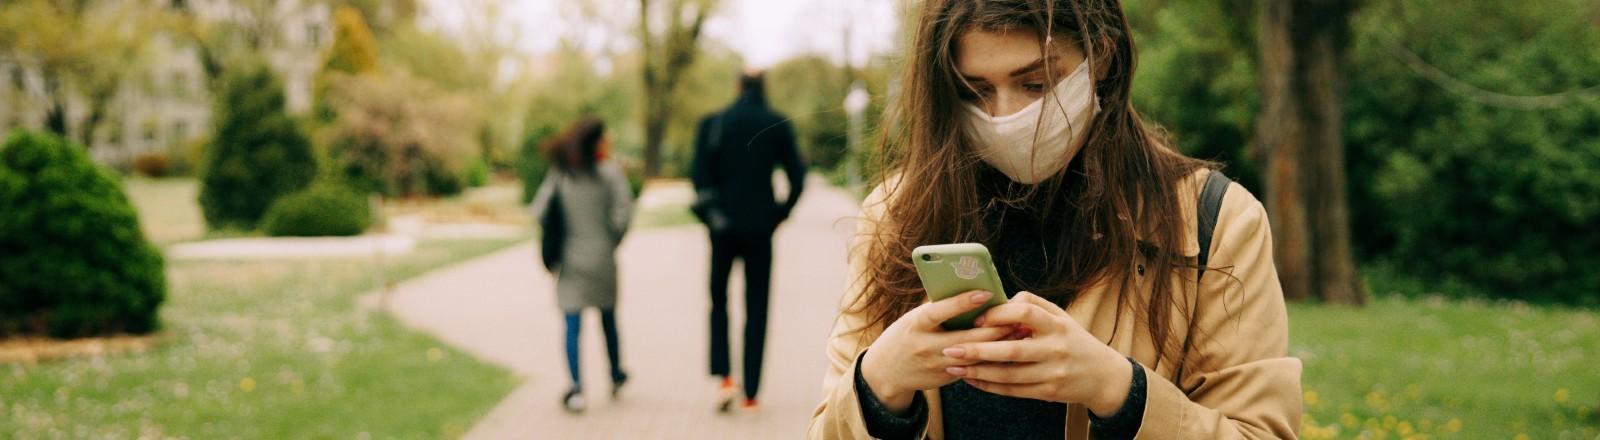 Eine Frau mit Mund-Nasen-Schutz schaut auf ihr Smartphone.